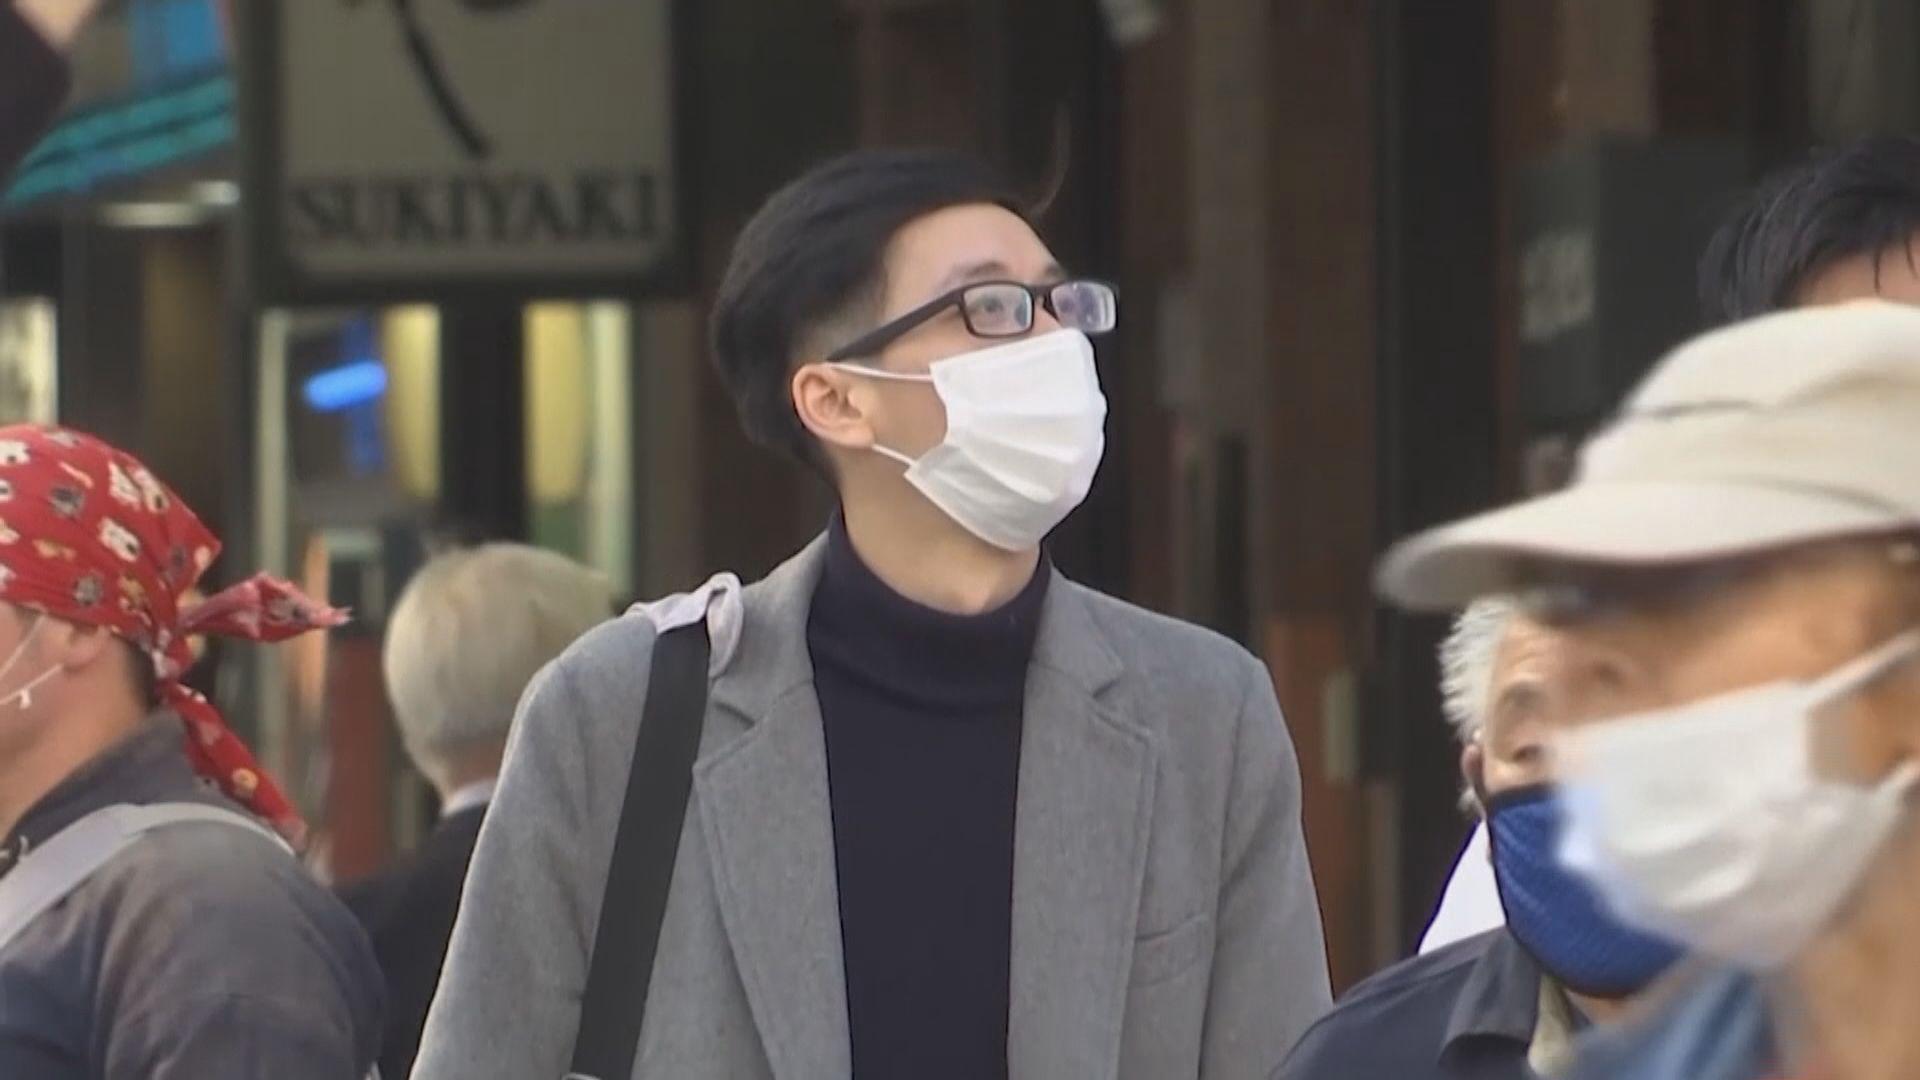 日本疫情持續 政府或進一步限制旅遊支援計劃